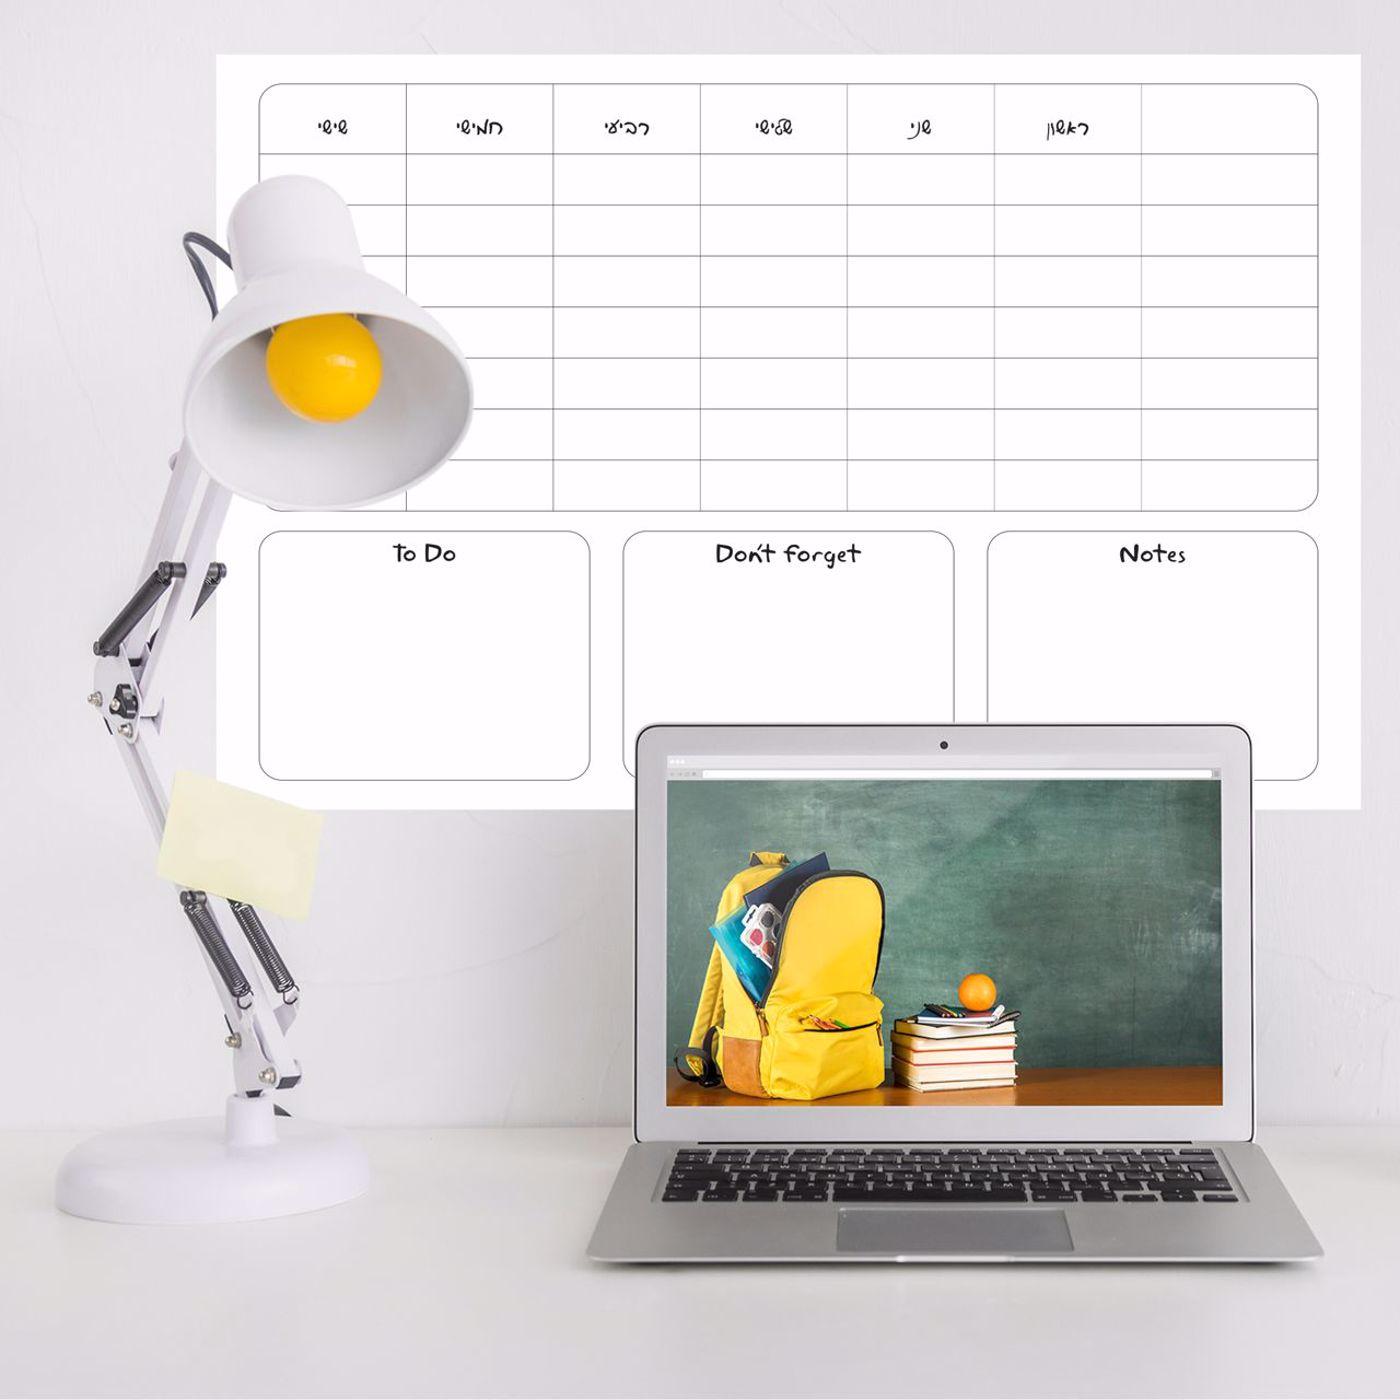 תמונה עבור הקטגוריה לוחות תלמיד